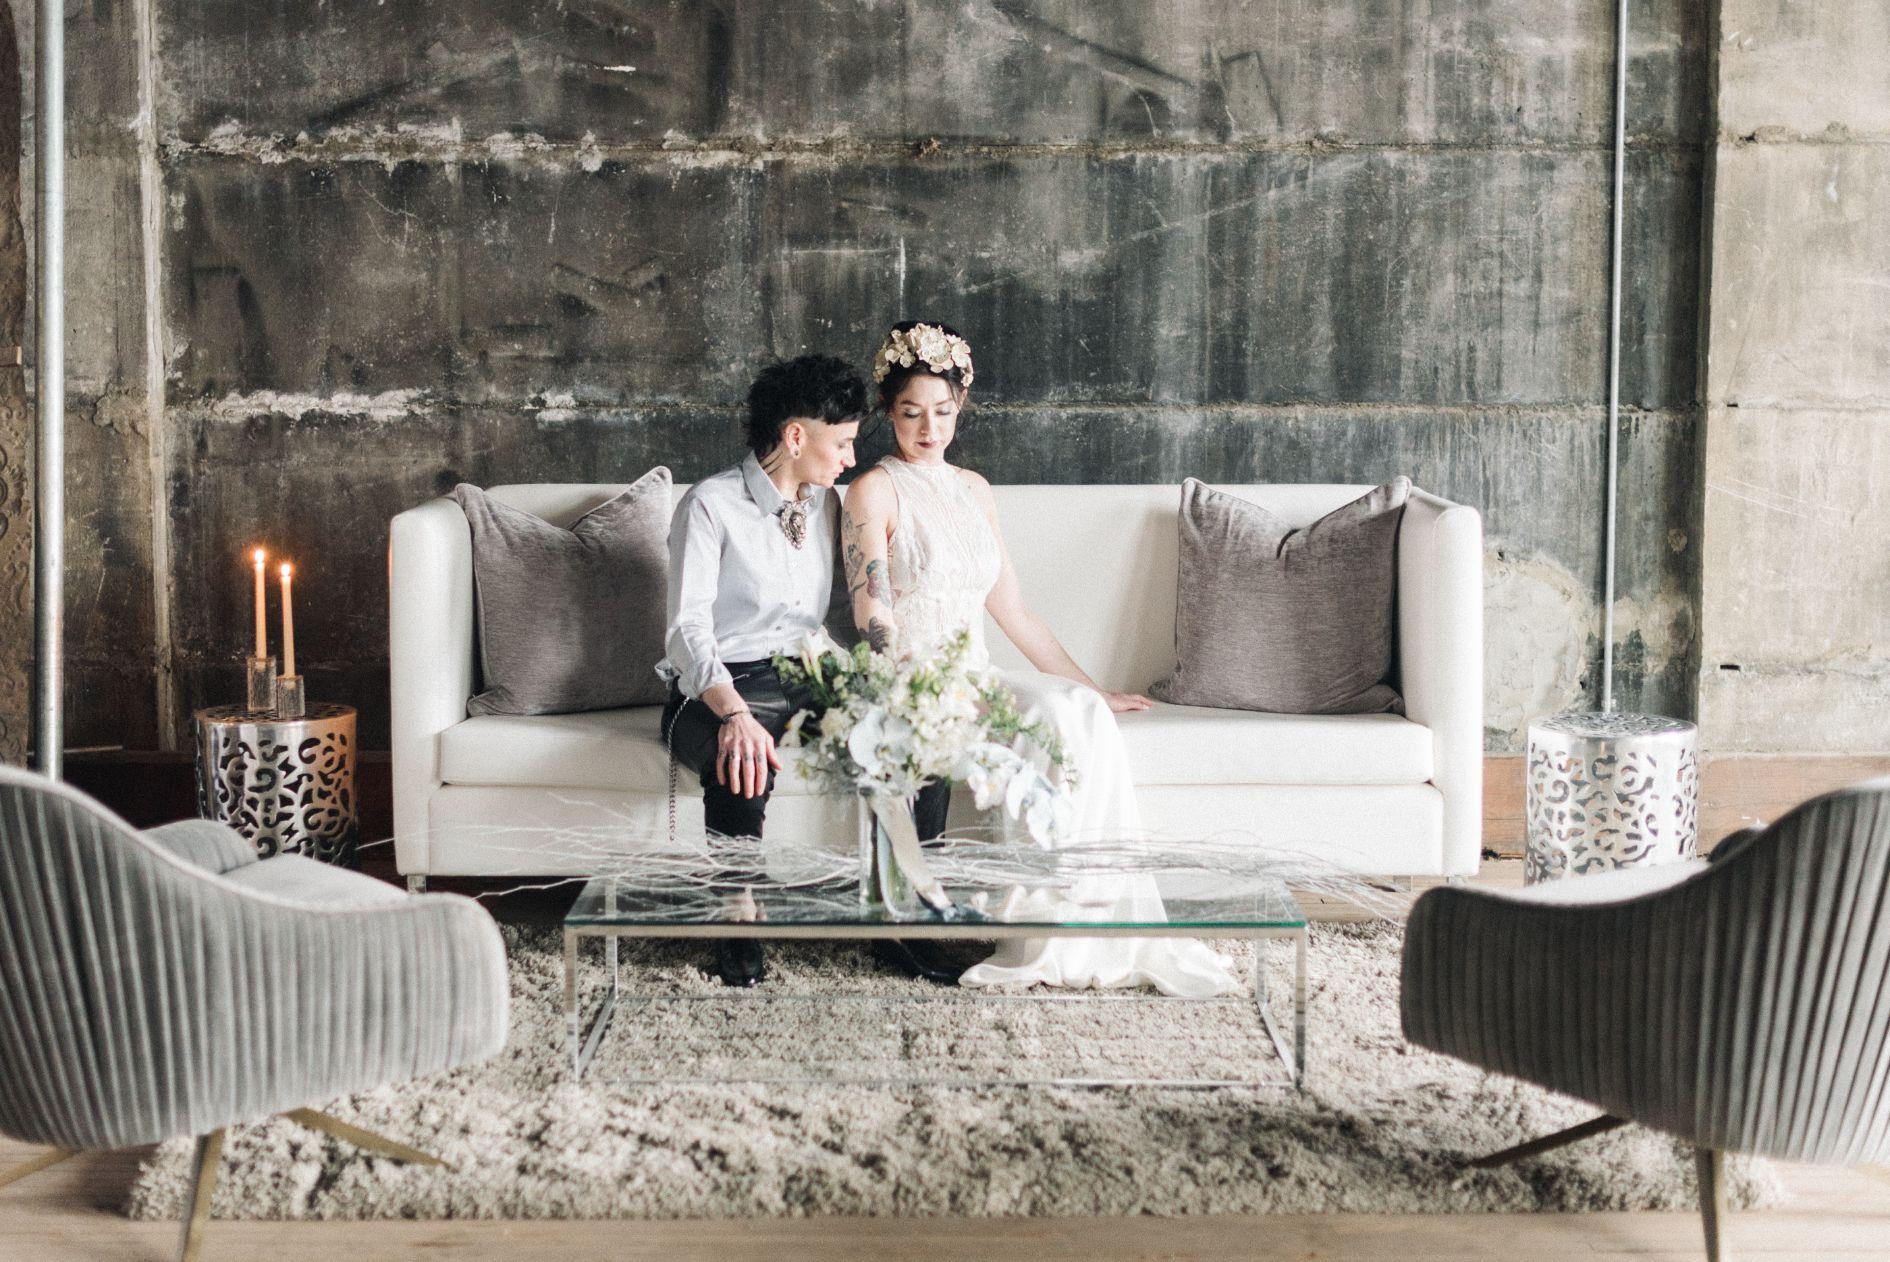 olio-peabody-boston-lesbian-wedding-style-daylynn-designs80.jpg